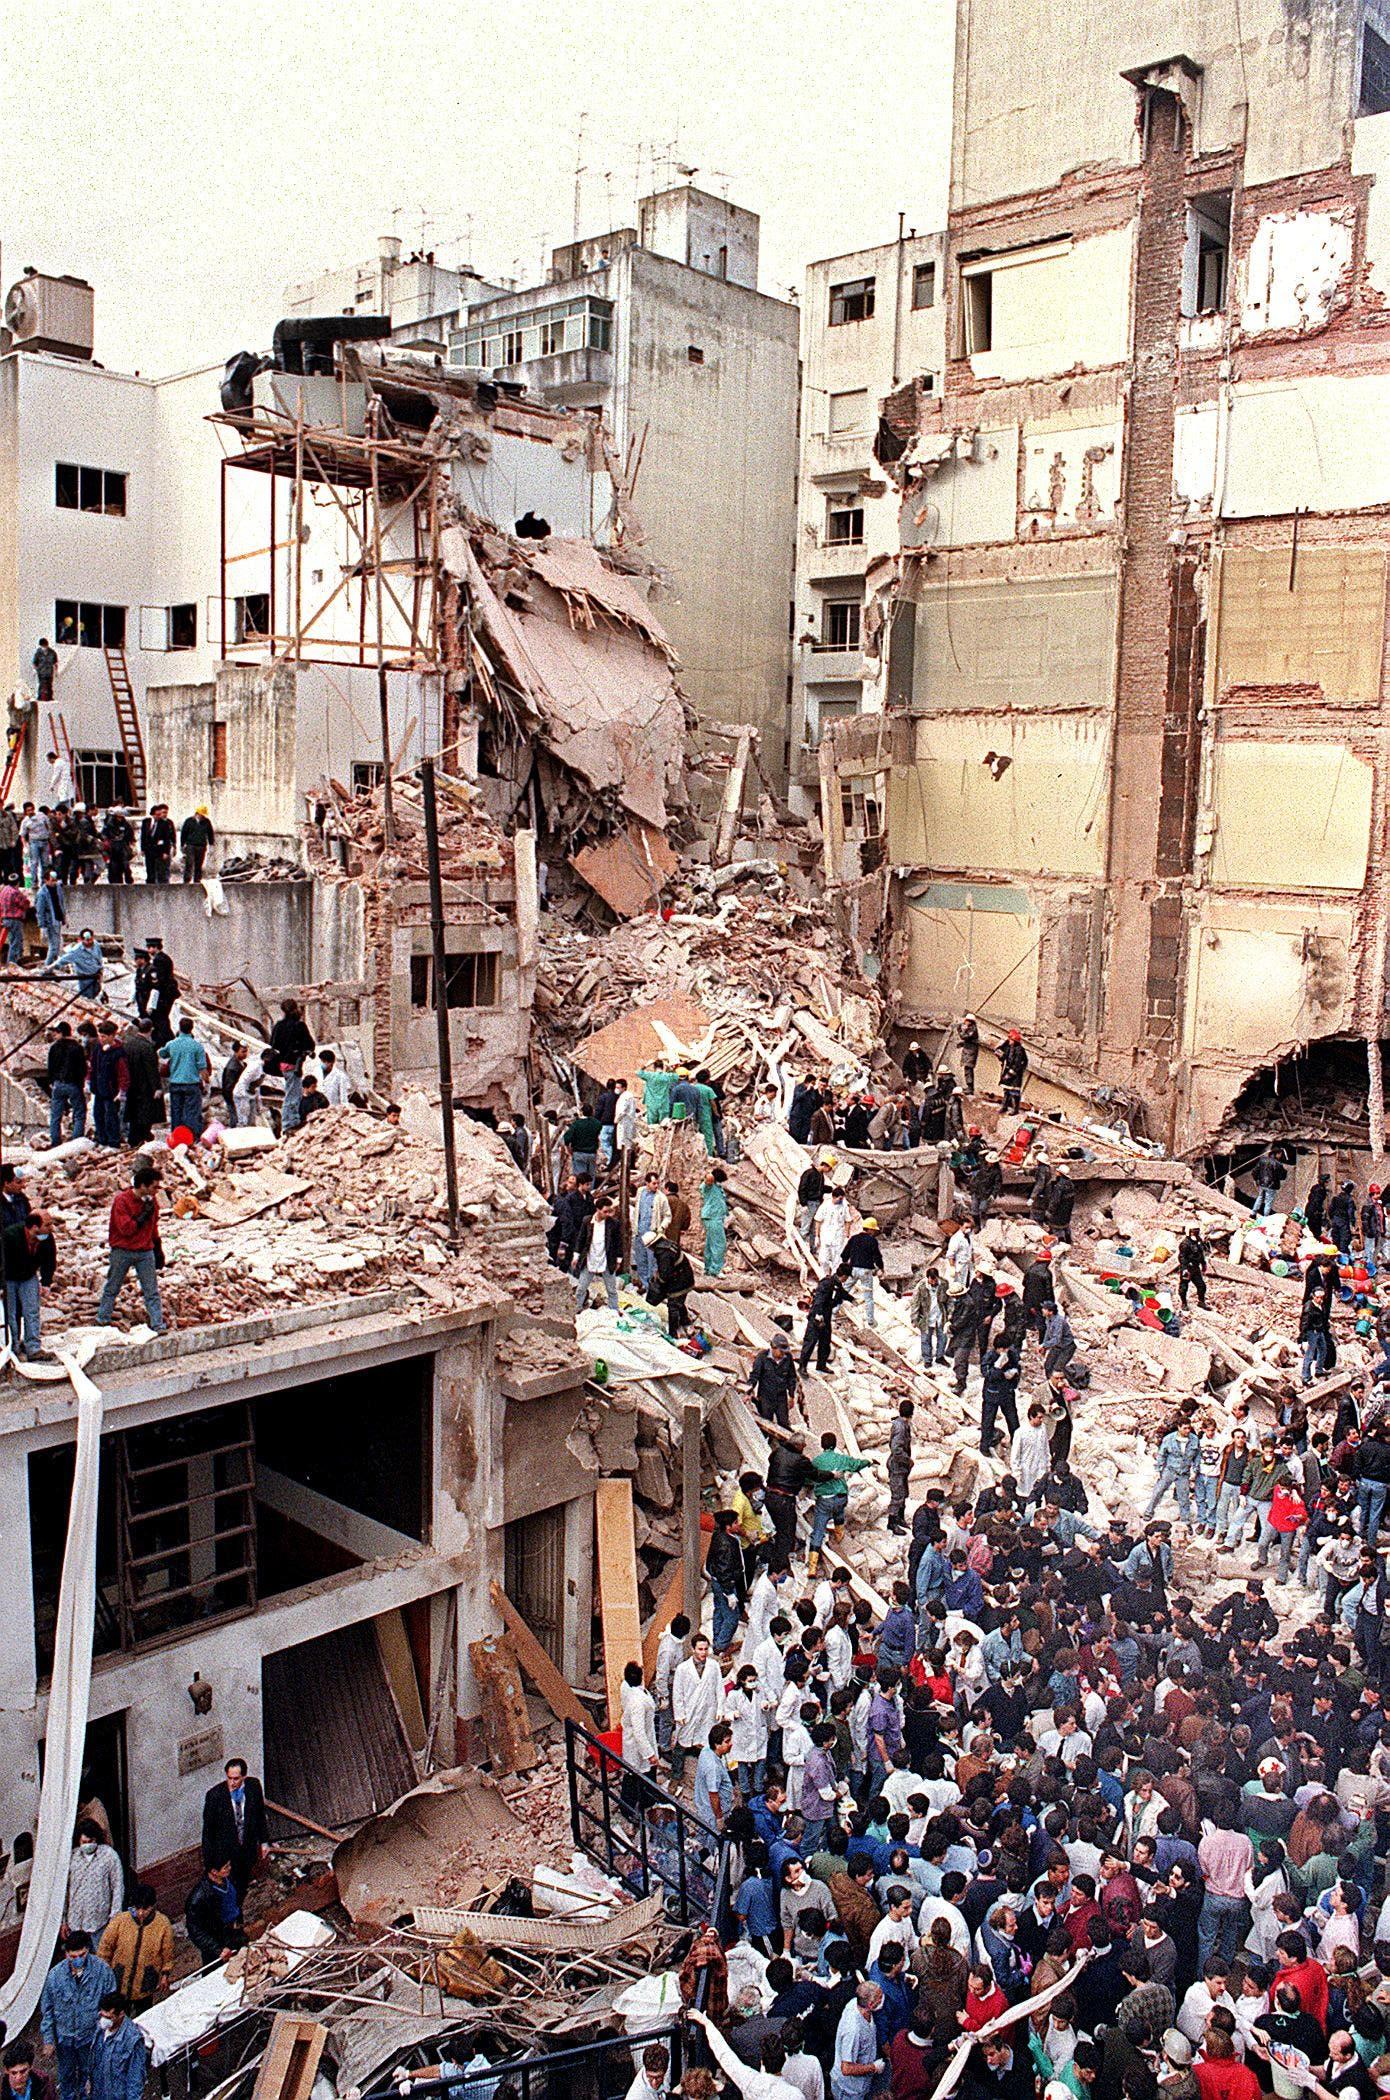 من الهجوم الذي وقع في العاصمة الأرجنتينية في 1994